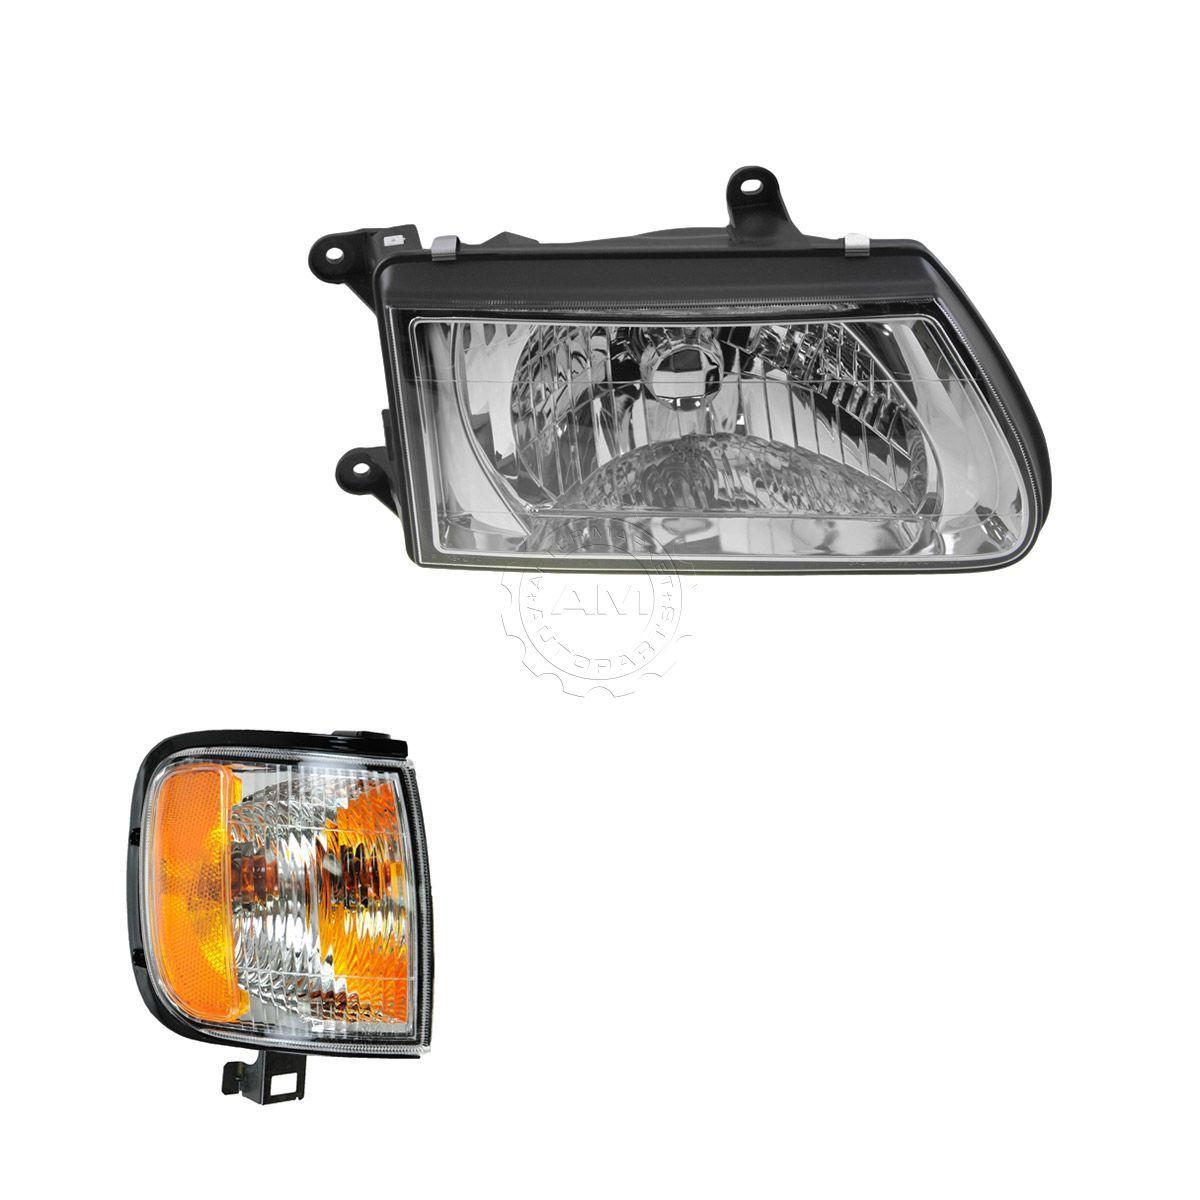 コーナーライト Headlight Corner Light Lamp Kit RH Right Passenger Side for 00-02 Isuzu Rodeo ヘッドライトコーナーライトランプキットRH右乗客側00-02いすゞロデオ